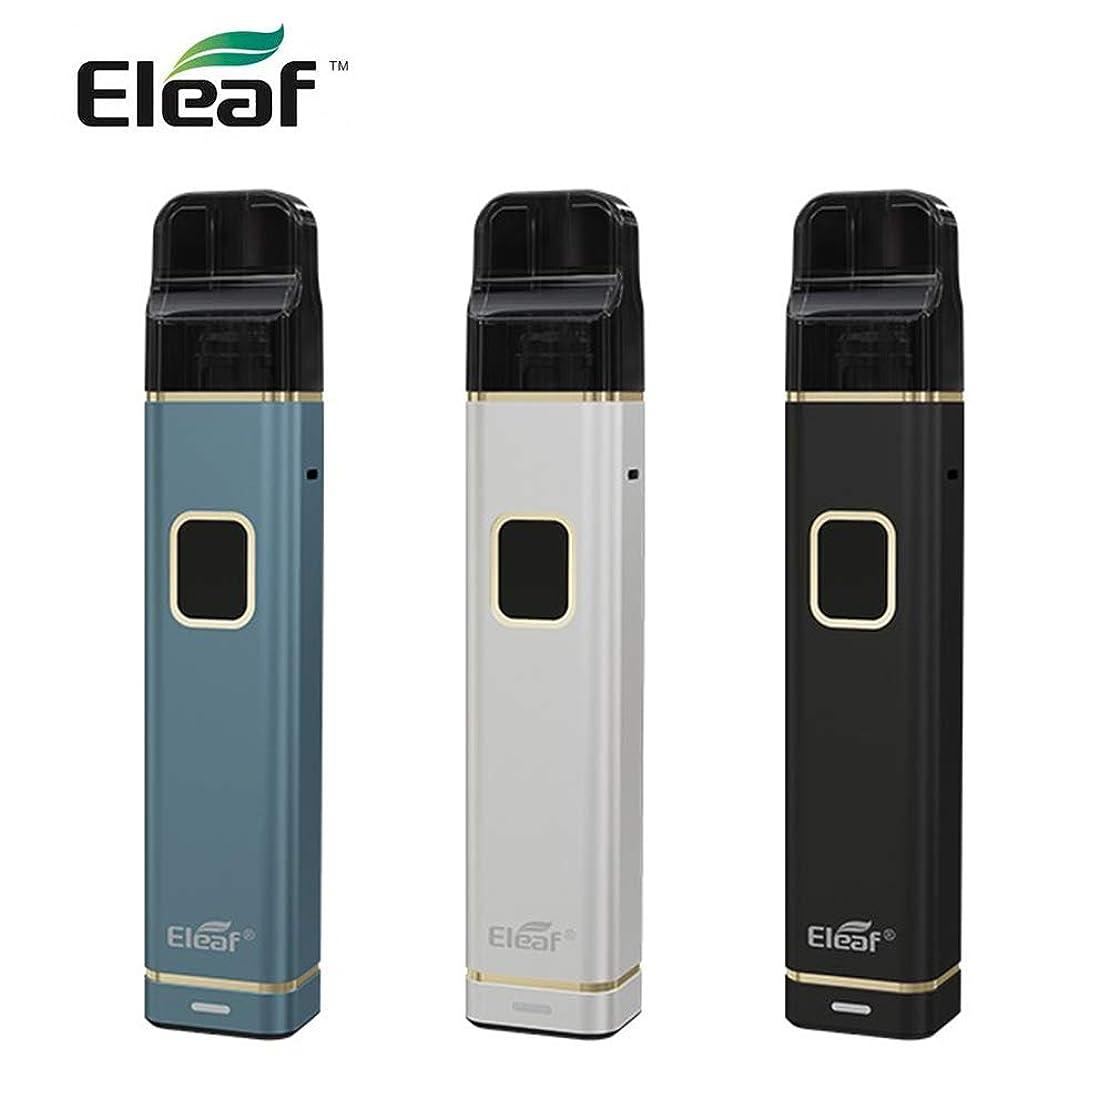 投票スリチンモイ混乱させる正規品 Eleaf iTap Kit/Vape 電子タバコ【ポッドシステムデバイス】30W 800mAh内蔵バッテリー 2ml容量ポッドフィット GS Air Sコイル,Sliver